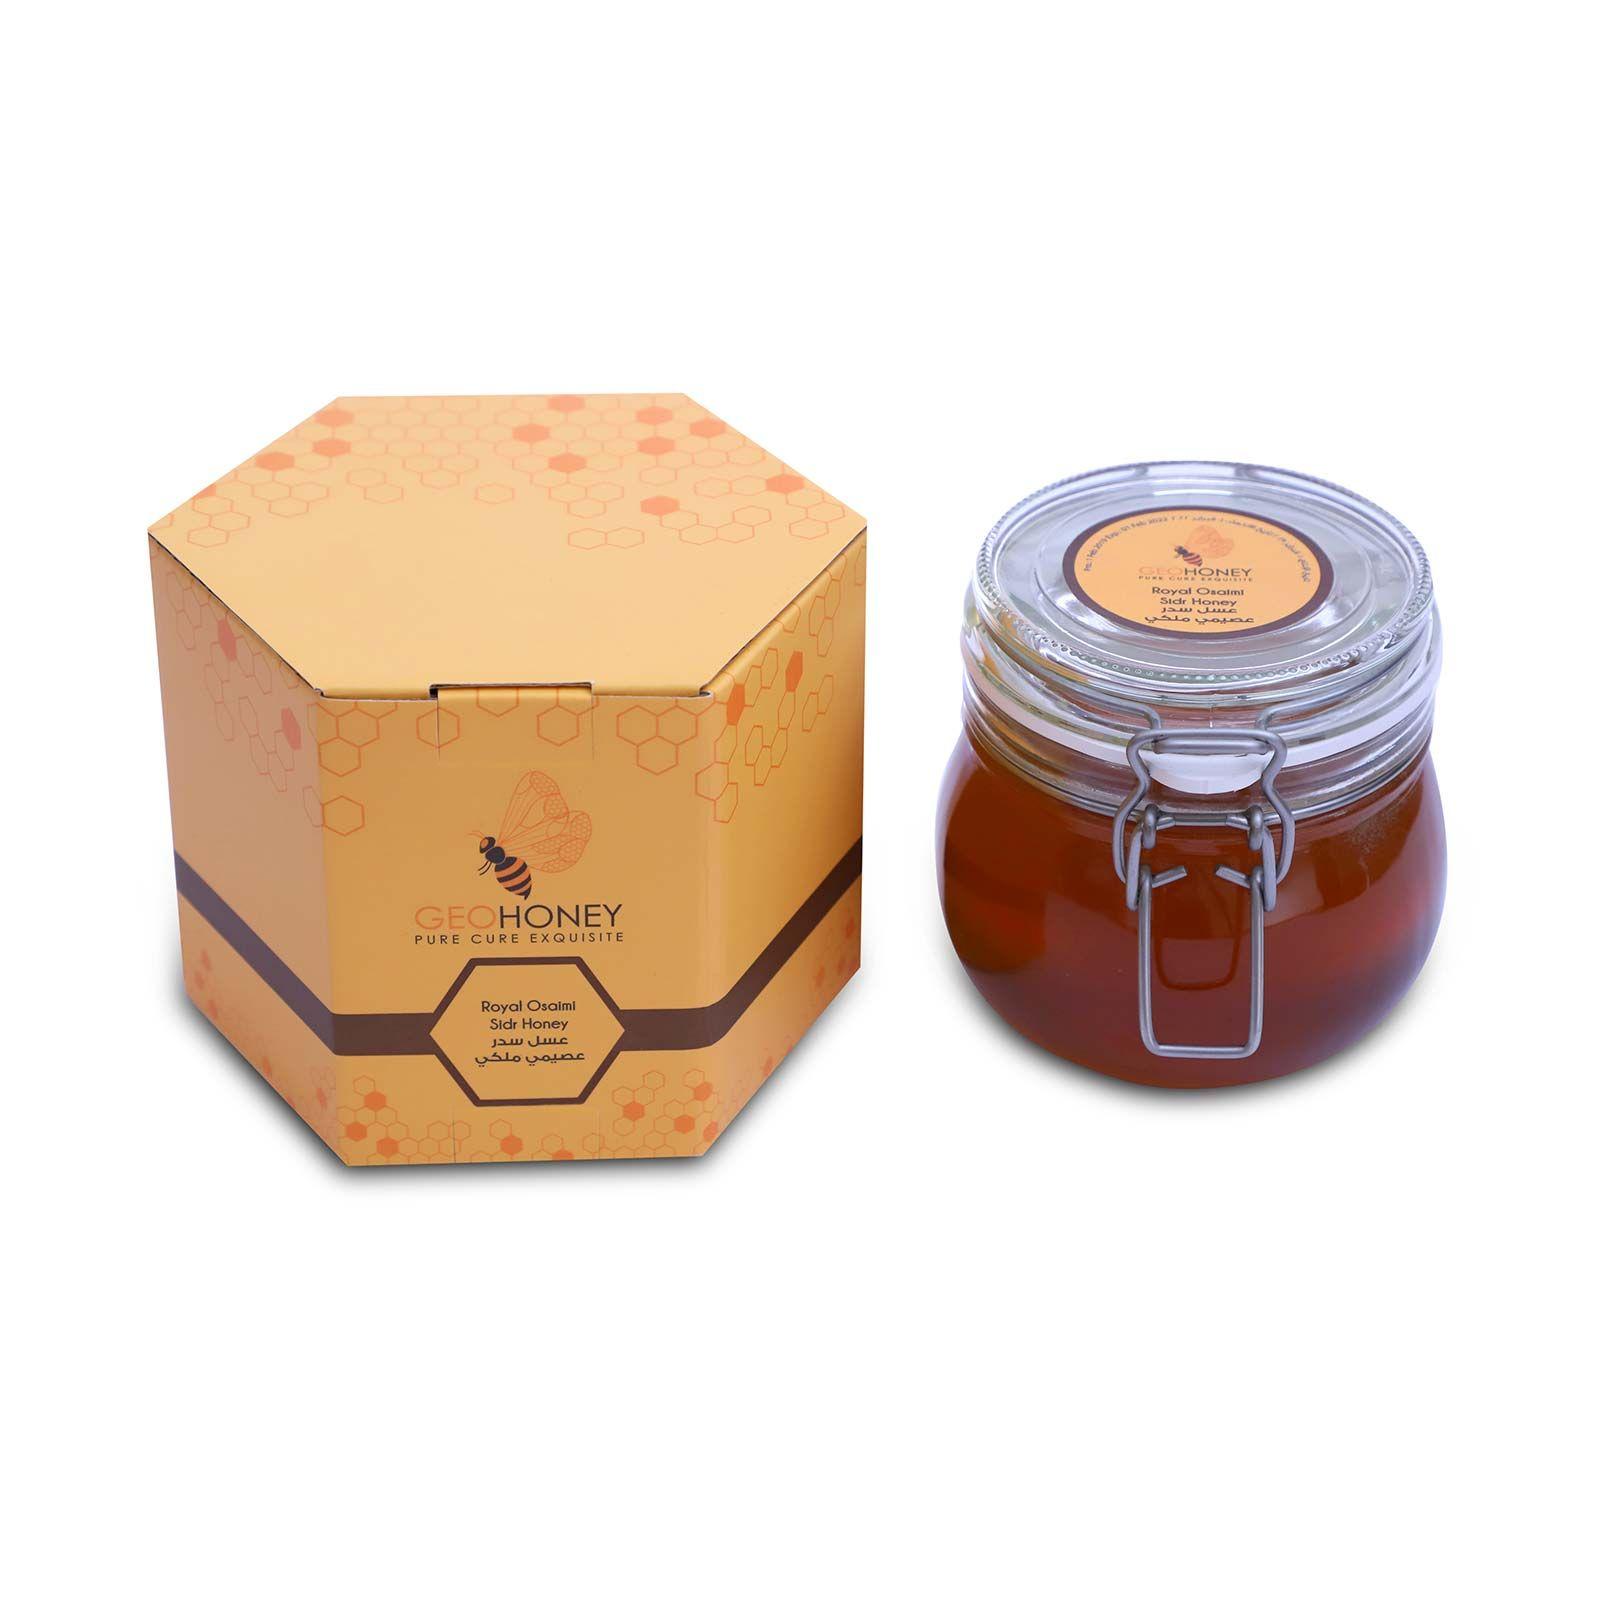 Sidr Honey Osaimi 950g Aed322 00 Honey Shop Honey Honey Brand